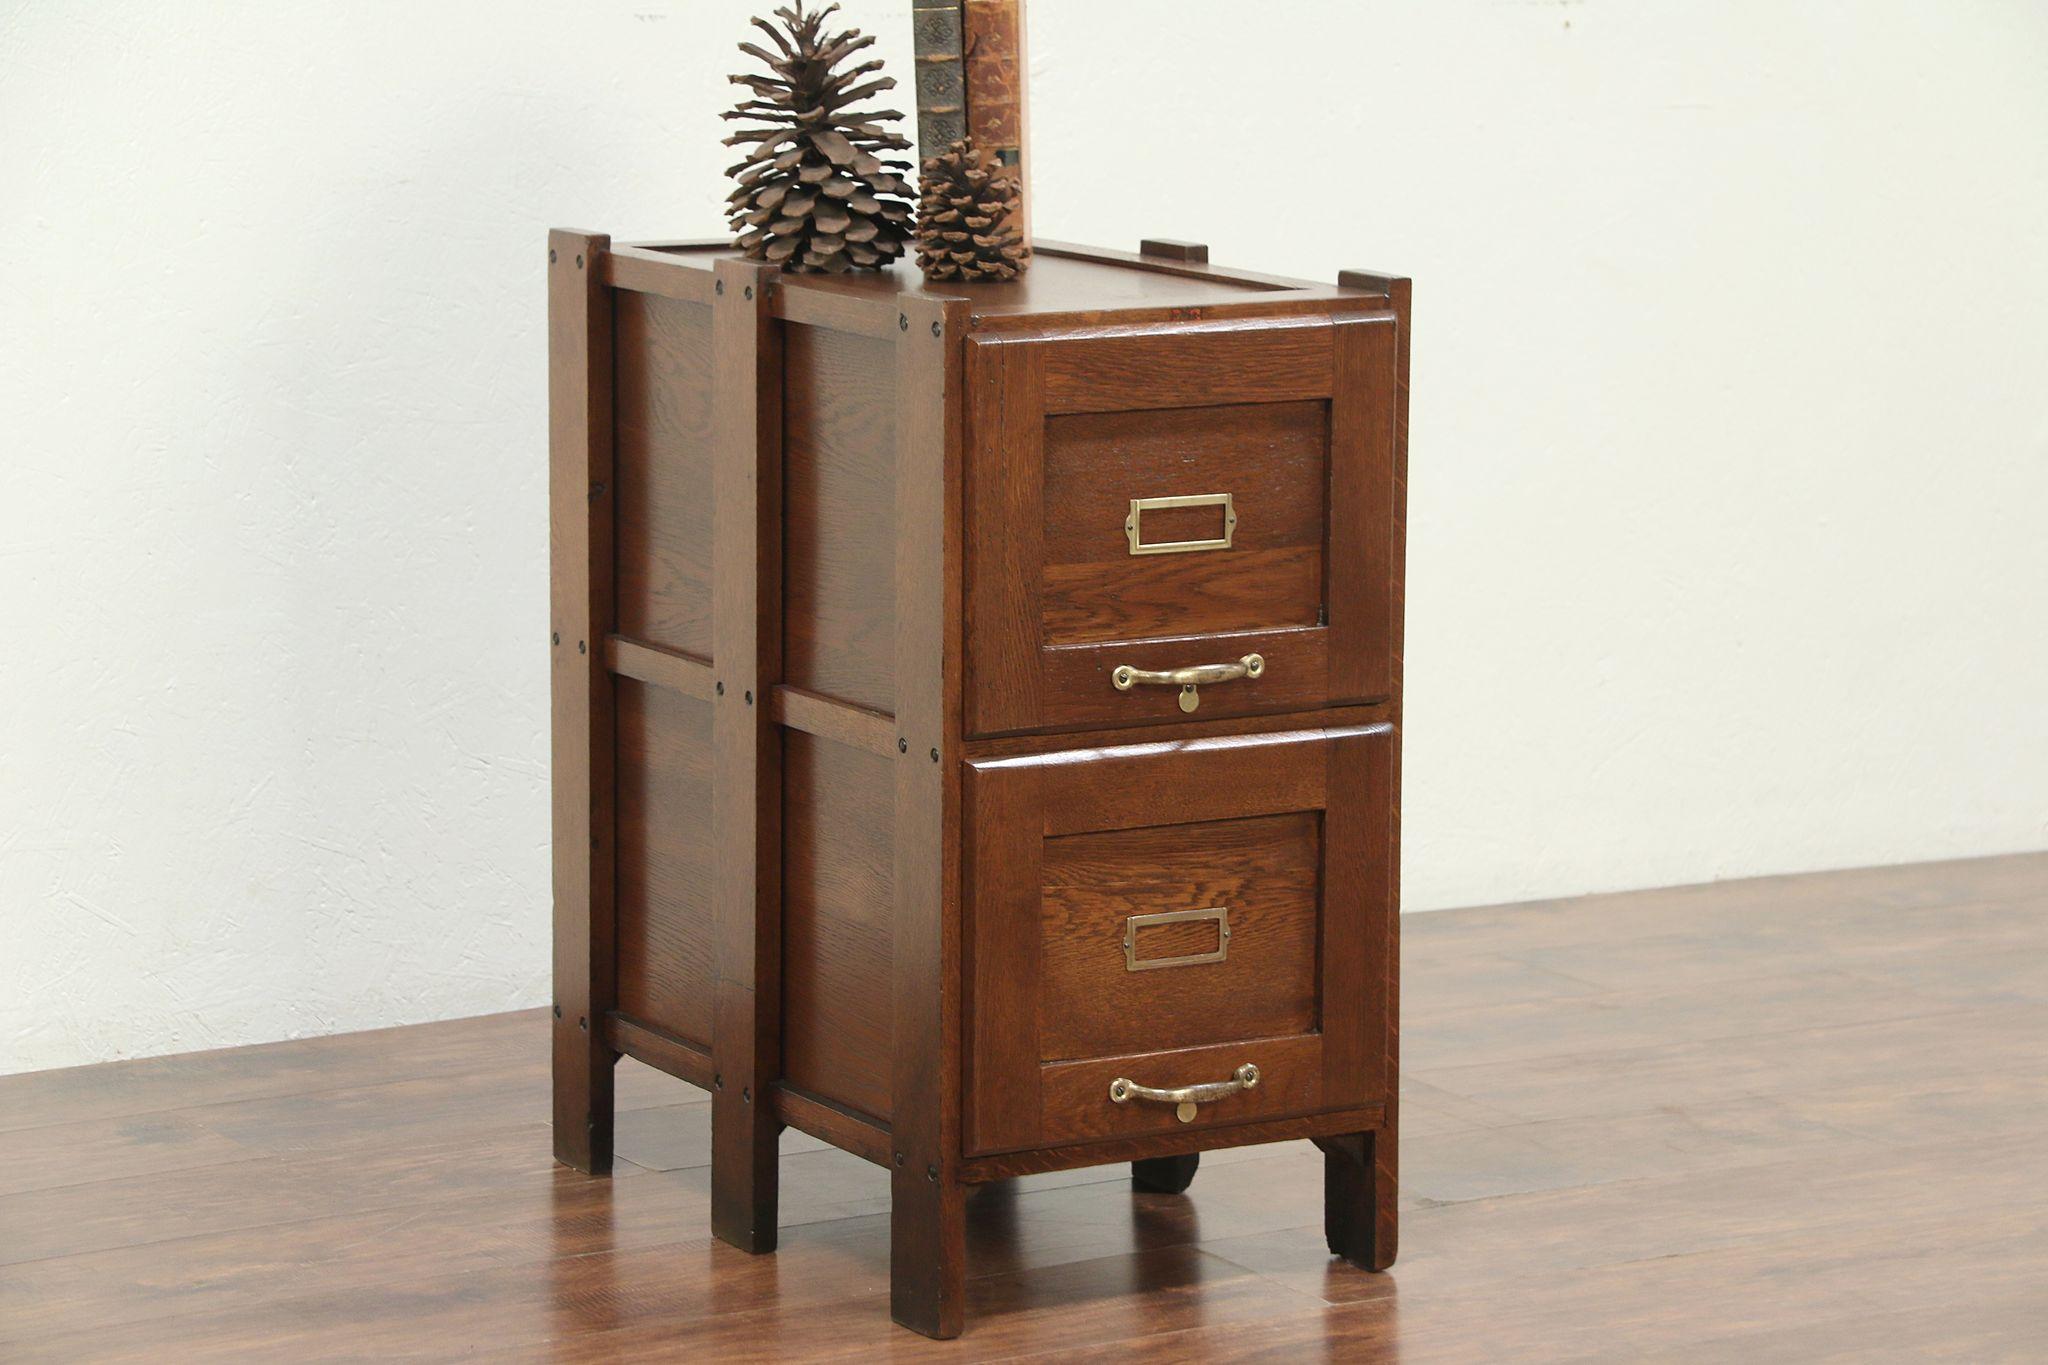 Merveilleux Arts U0026 Crafts Antique Oak 2 Drawer File Or Craftsman Filing Cabinet